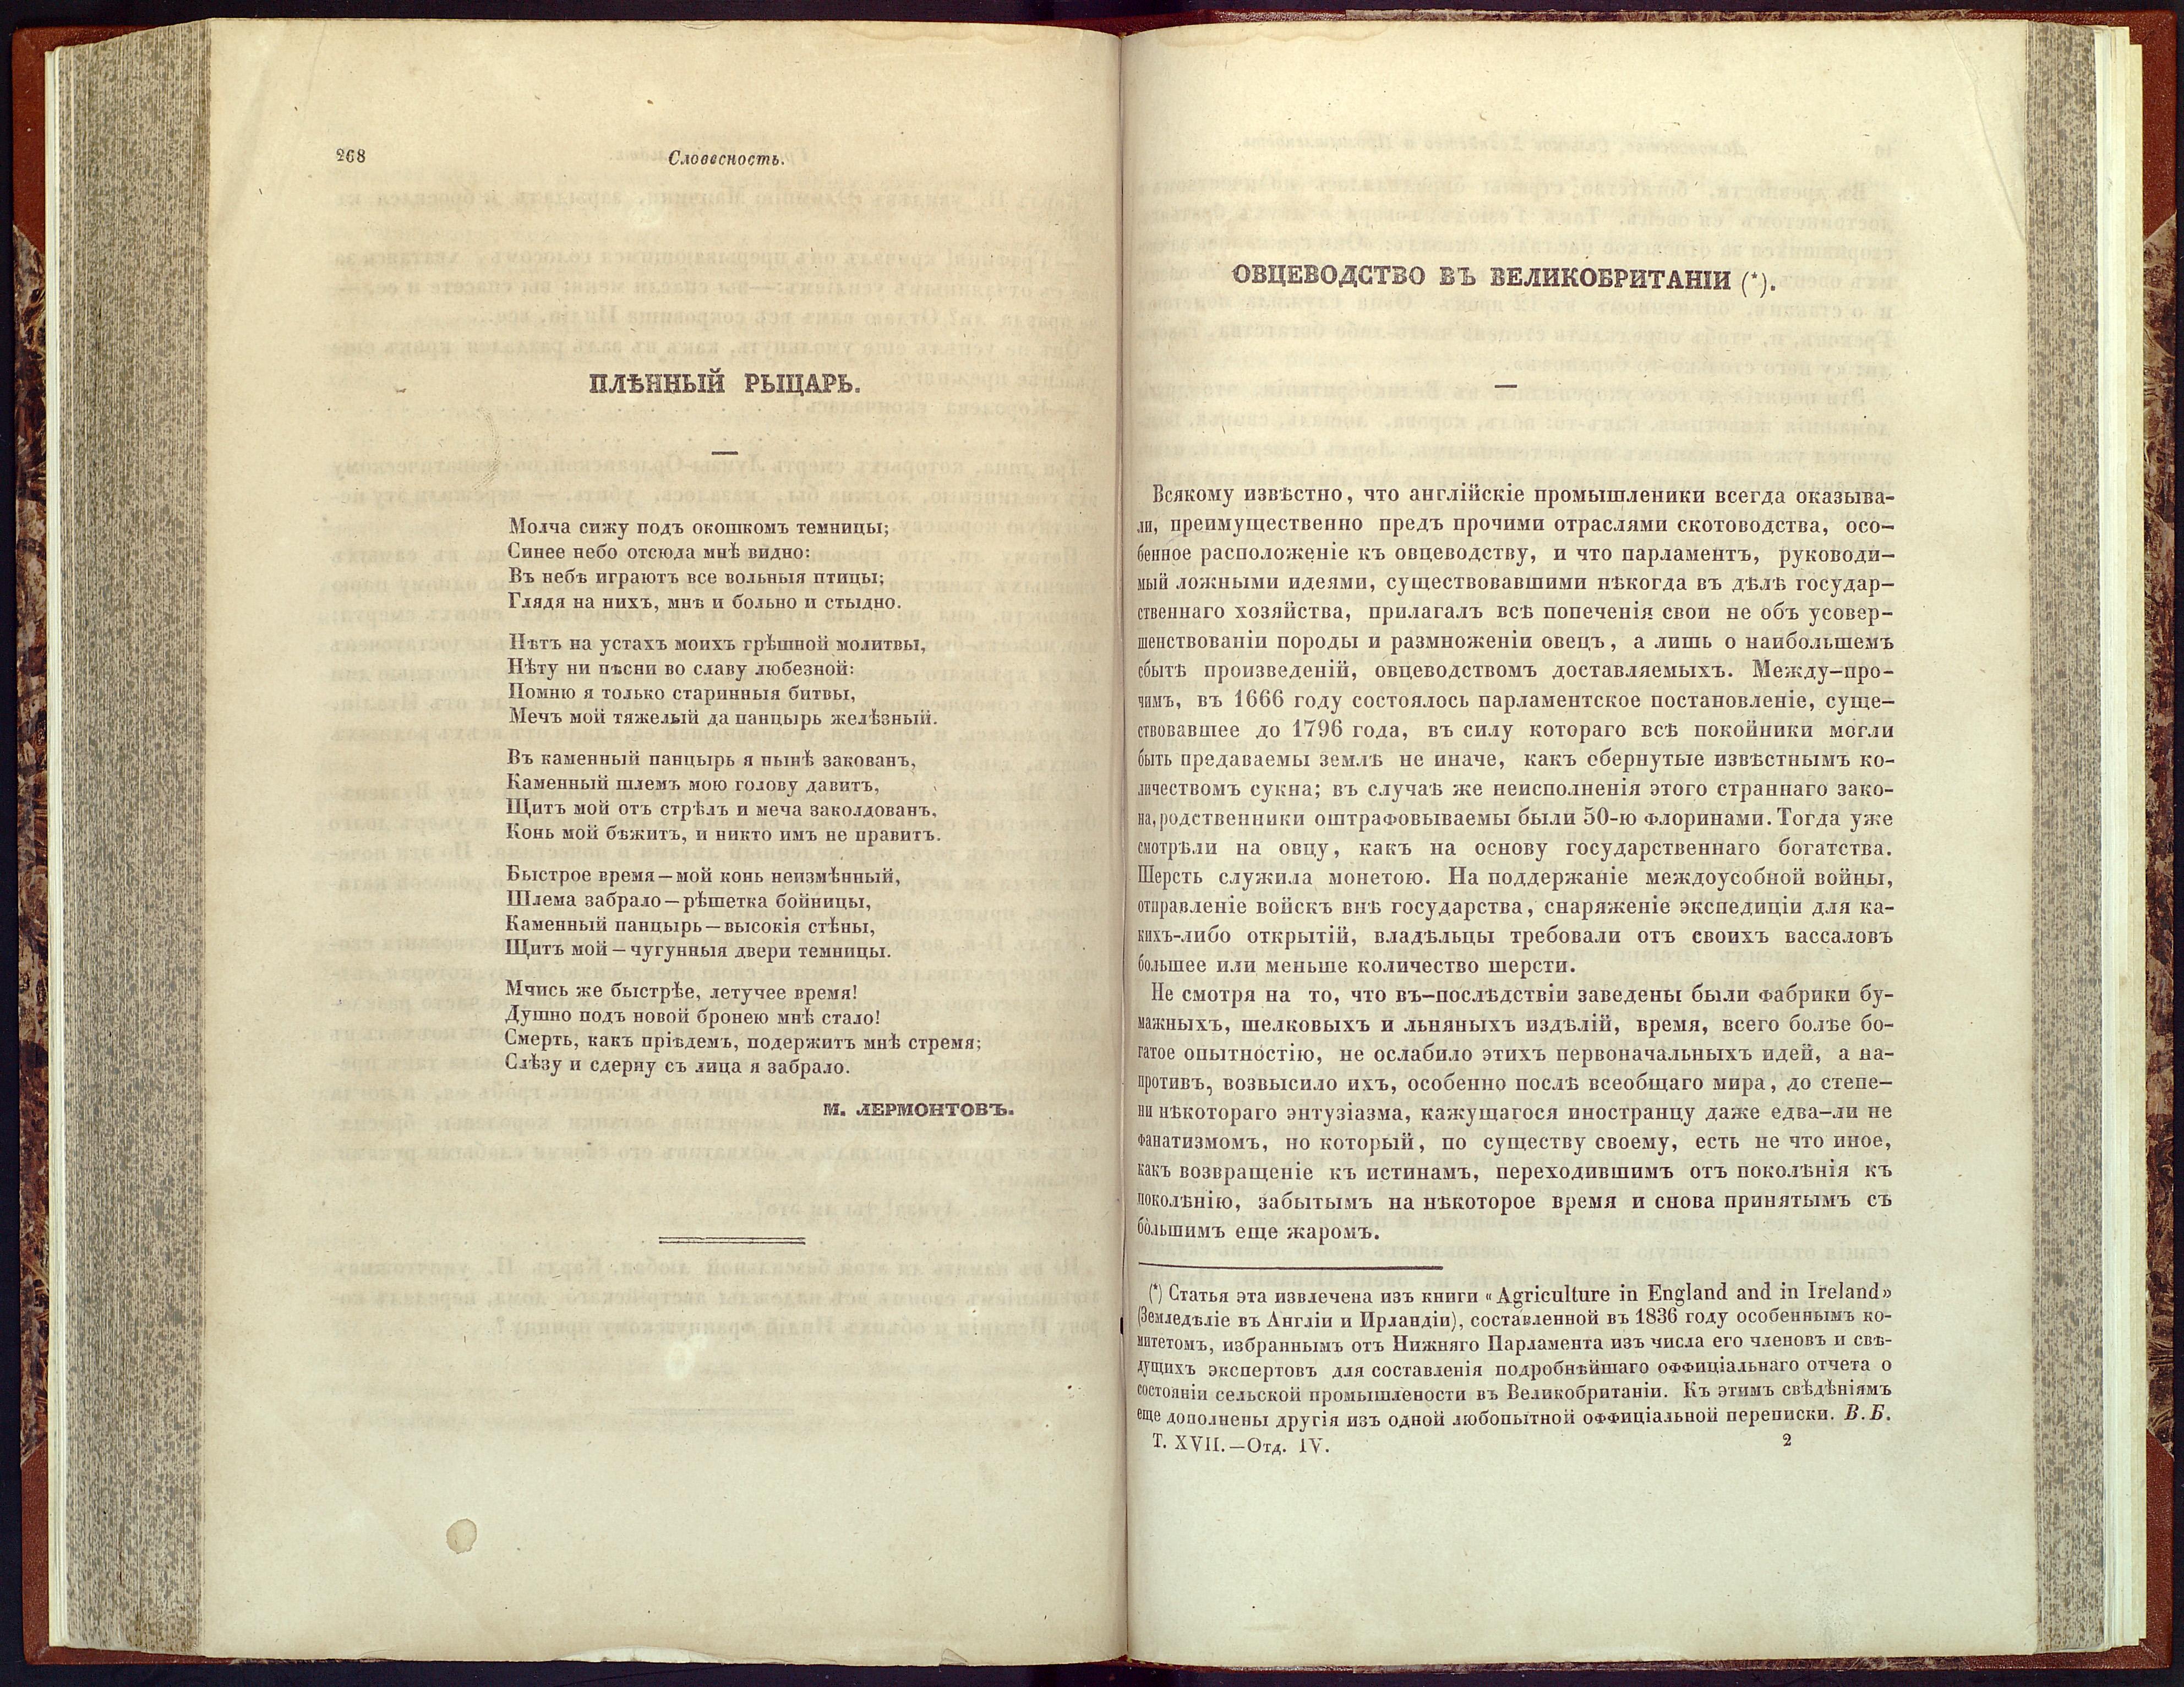 ЛОК-7551 ТАРХАНЫ КП-14173  Журнал Отечественные записки. Т. XVII_3